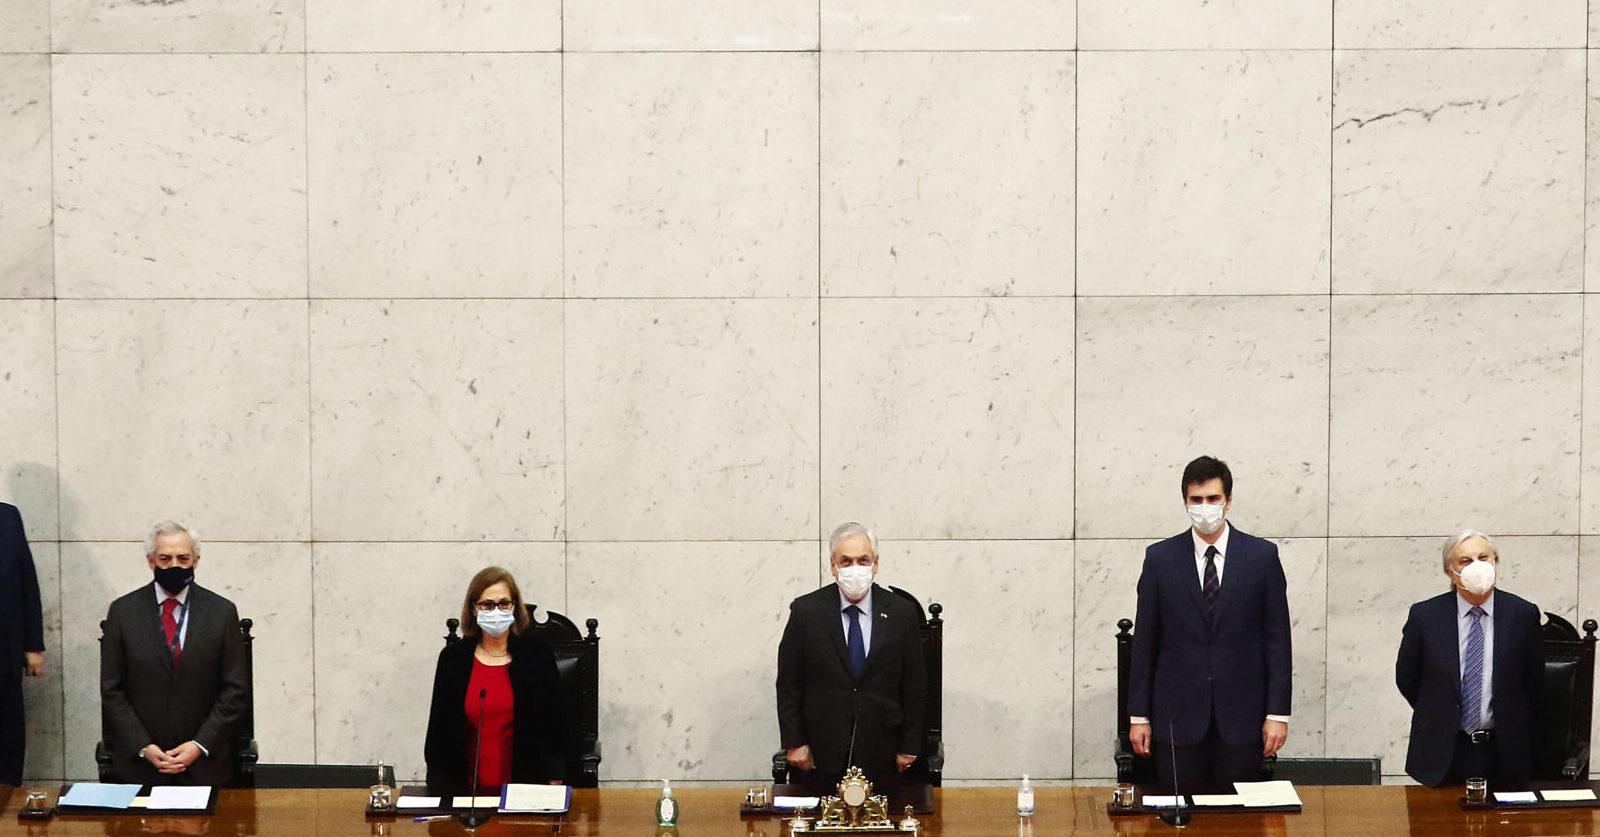 EN VIVO - Cuenta pública del Presidente Sebastián Piñera en el Congreso Nacional